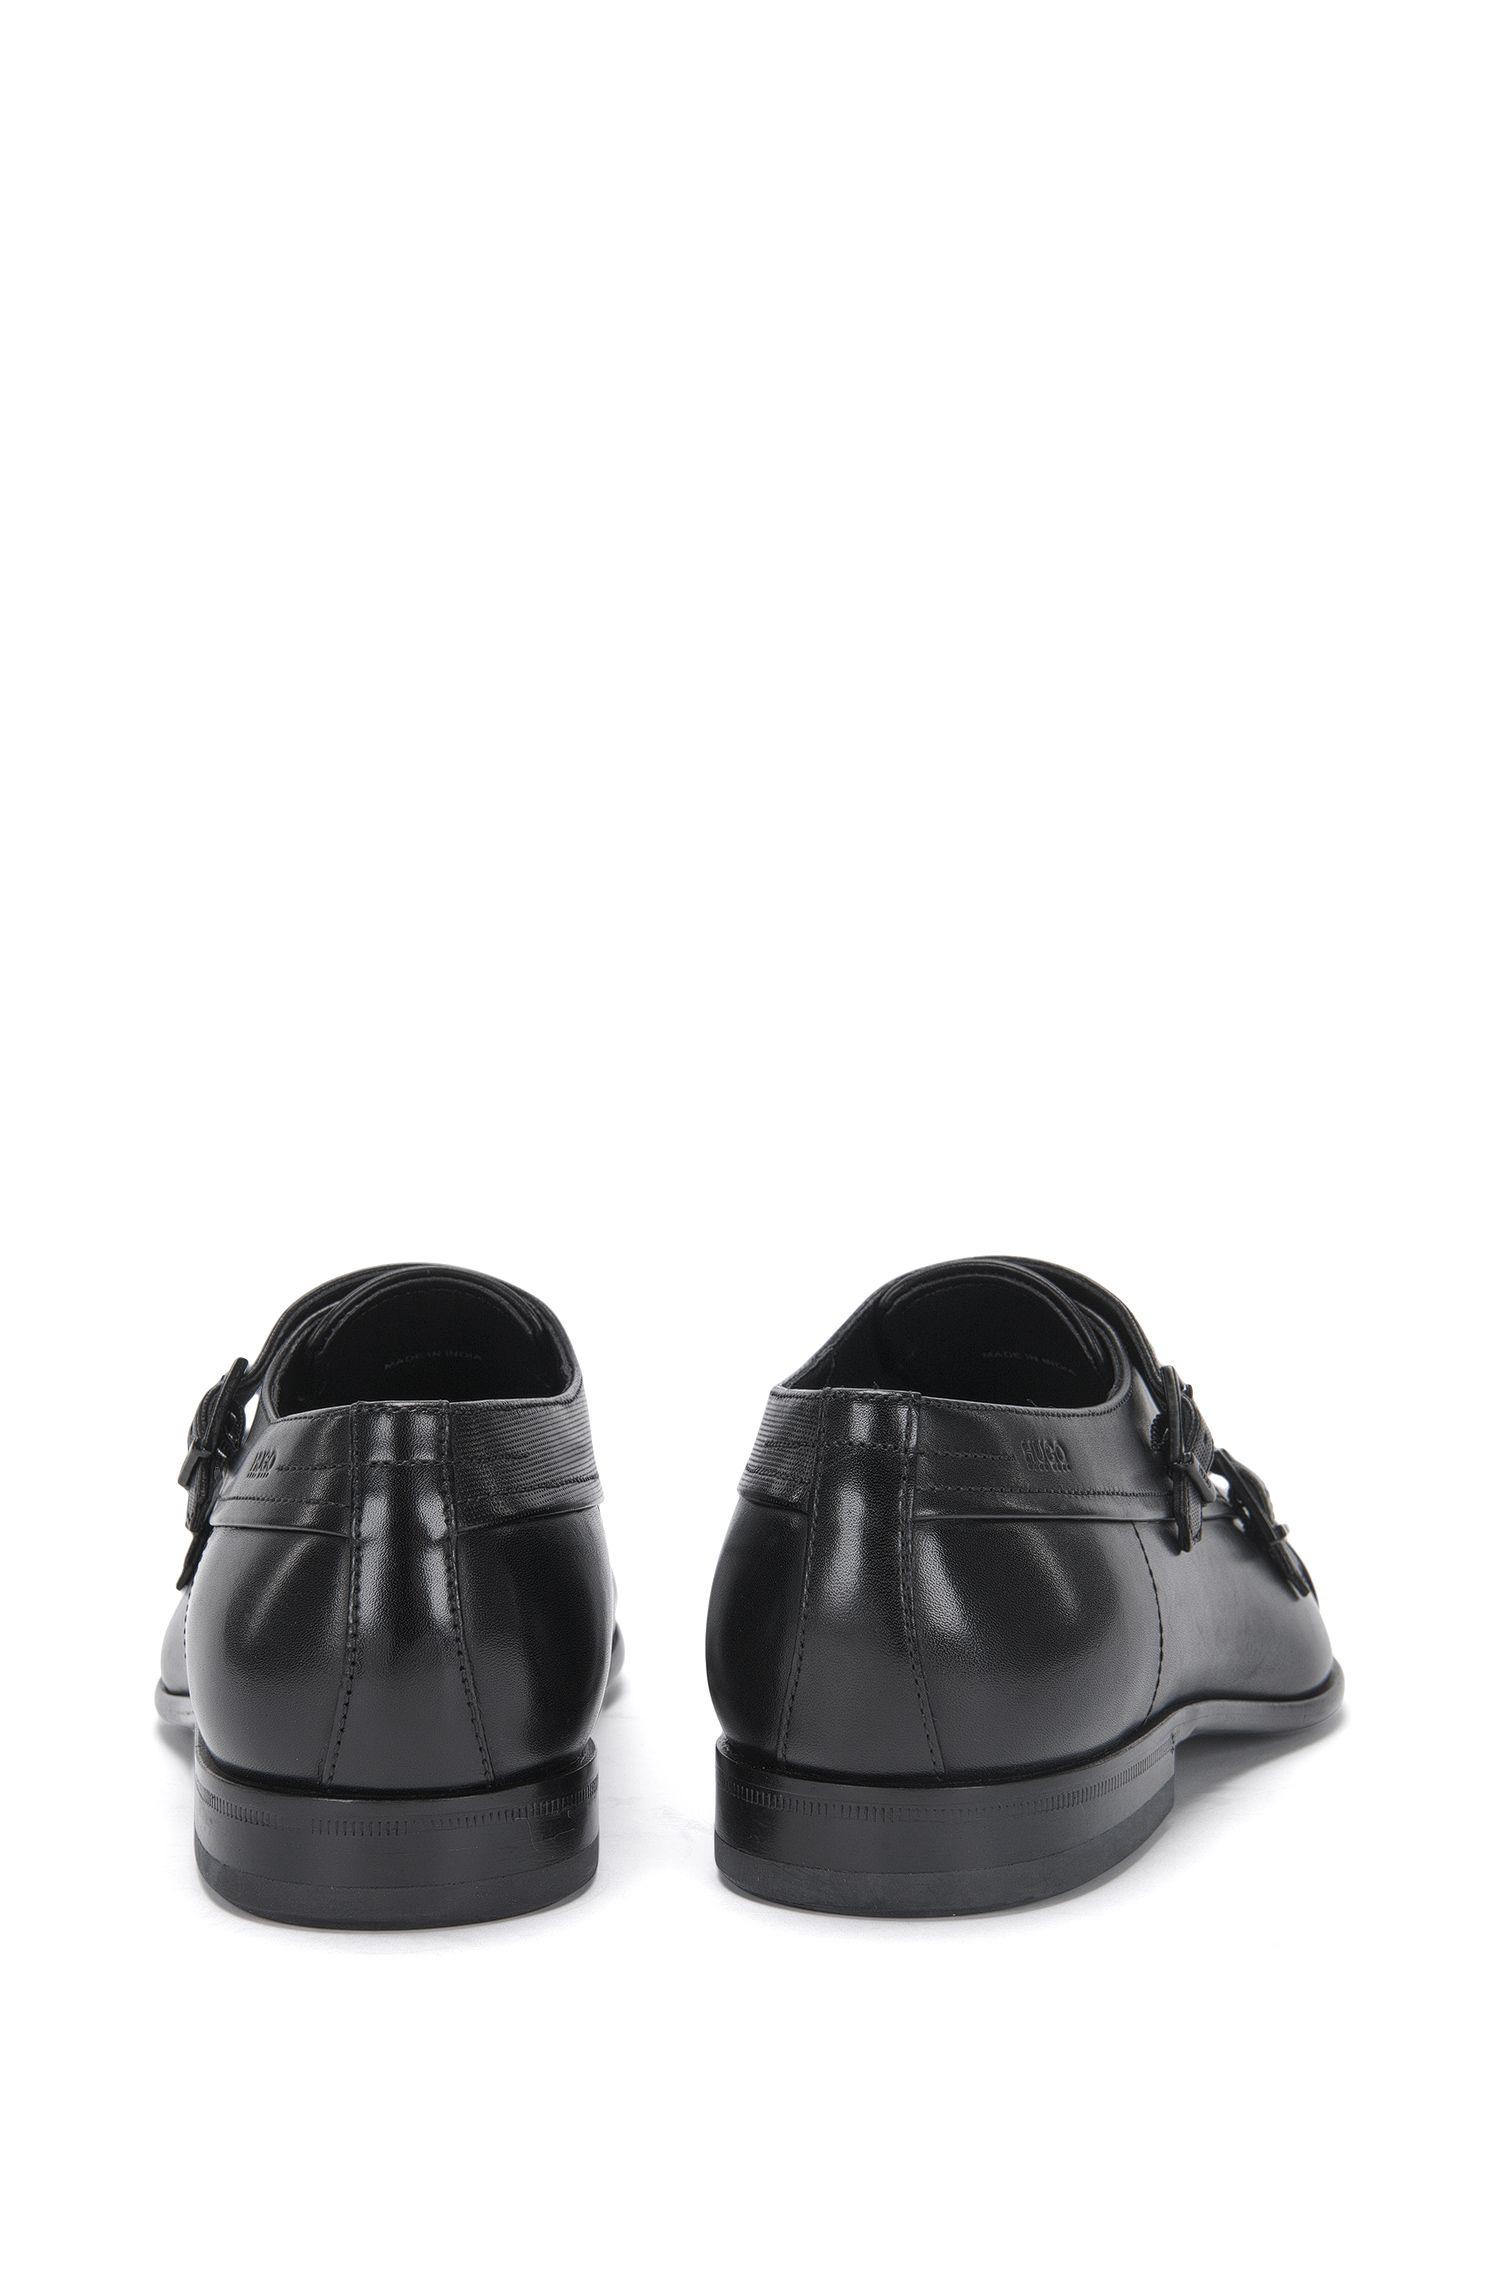 Double Monks aus Leder mit Struktur-Muster: 'Dressapp_Monk_mxprpf'